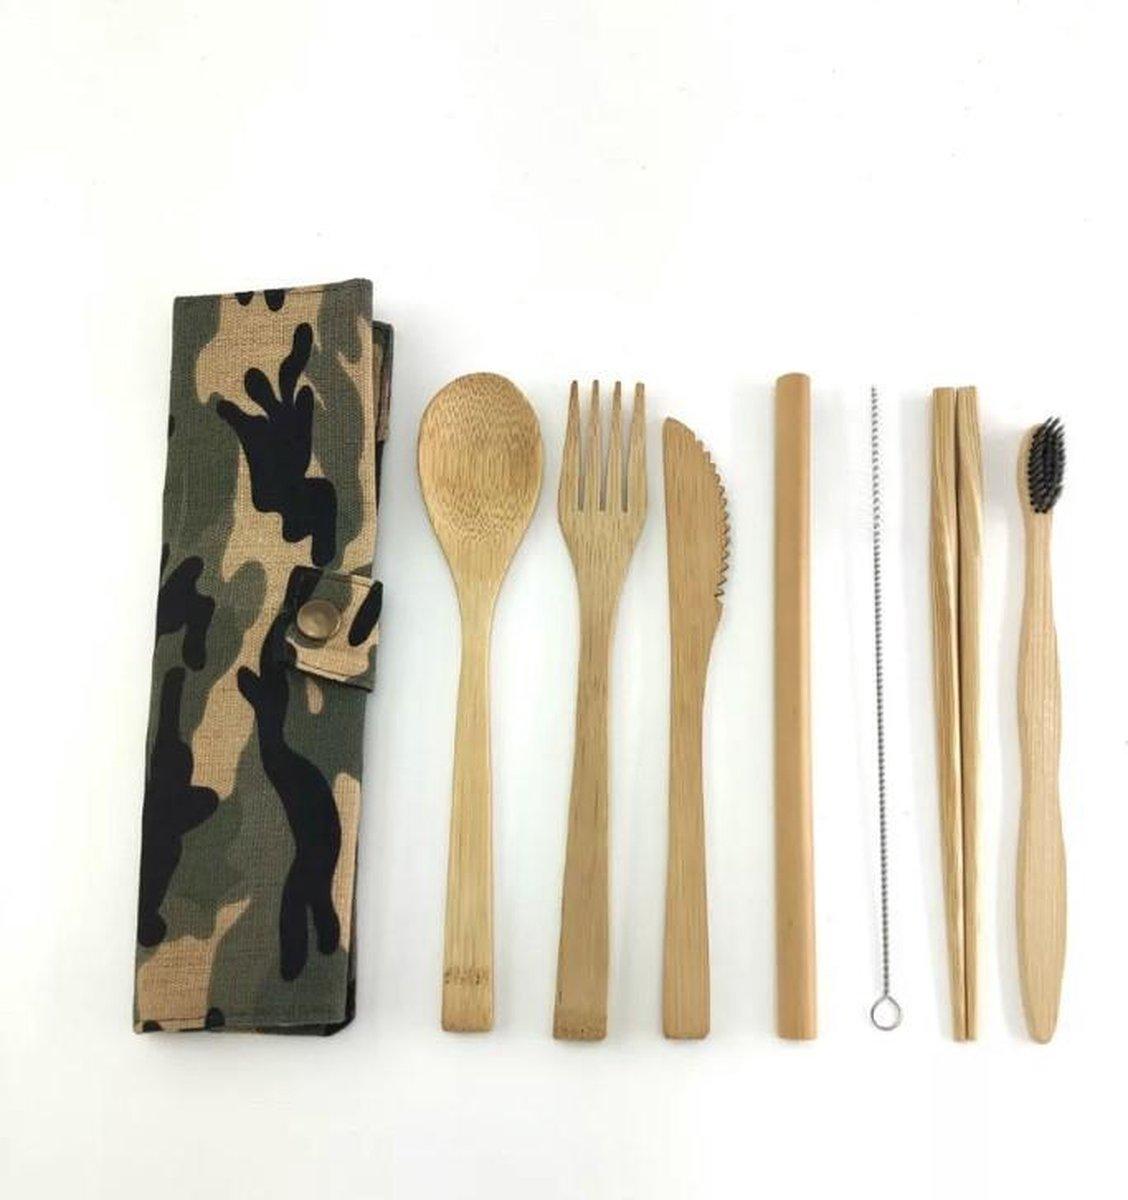 Legerprint - Luxe bamboe bestek set- 9 -delig - Met Tandeborstel - Milieuvriendelijk - Army Green - 1 persoons - Servies - Camouflage - Herbruikbaar ♻